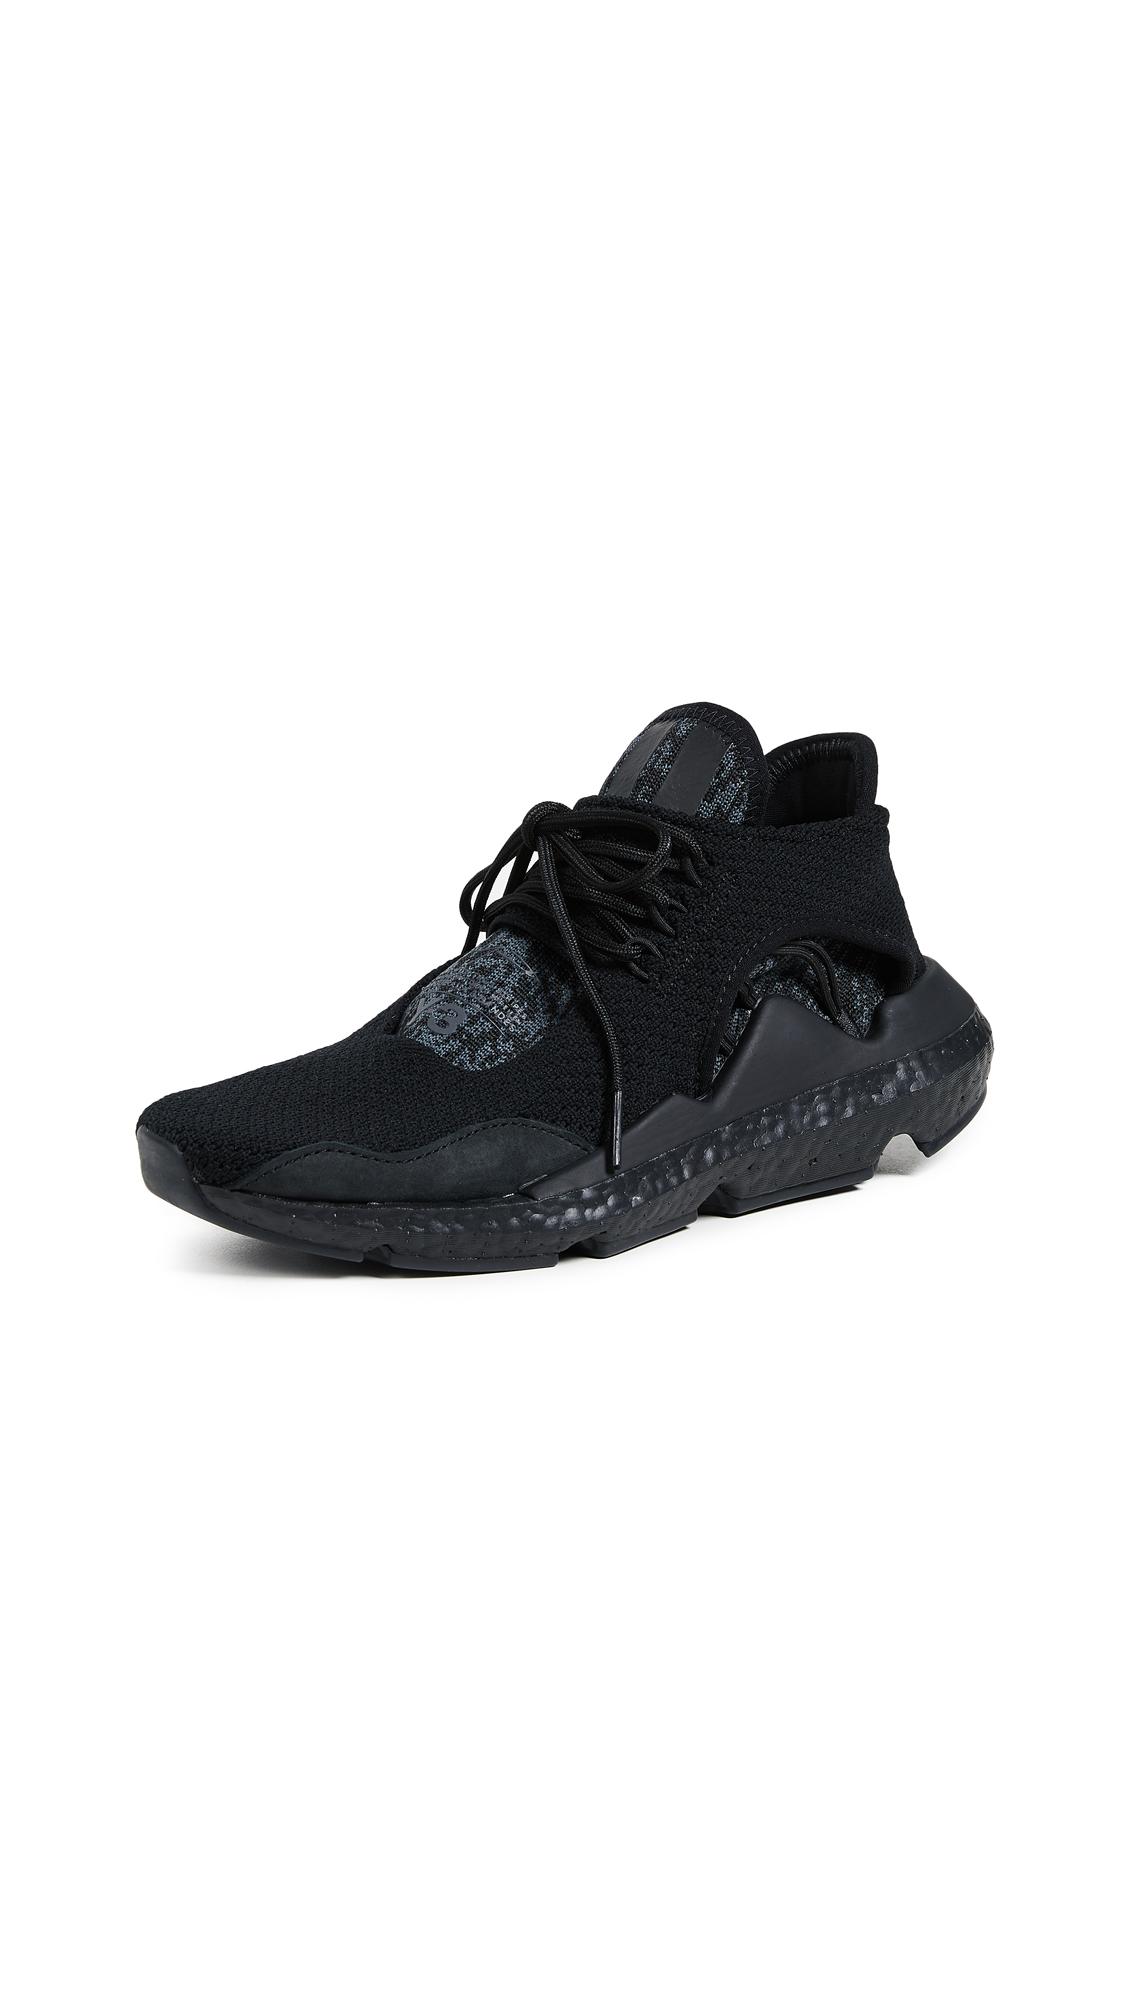 Y-3 Y-3 Saikou Sneakers - Core Black/Core Black/Black